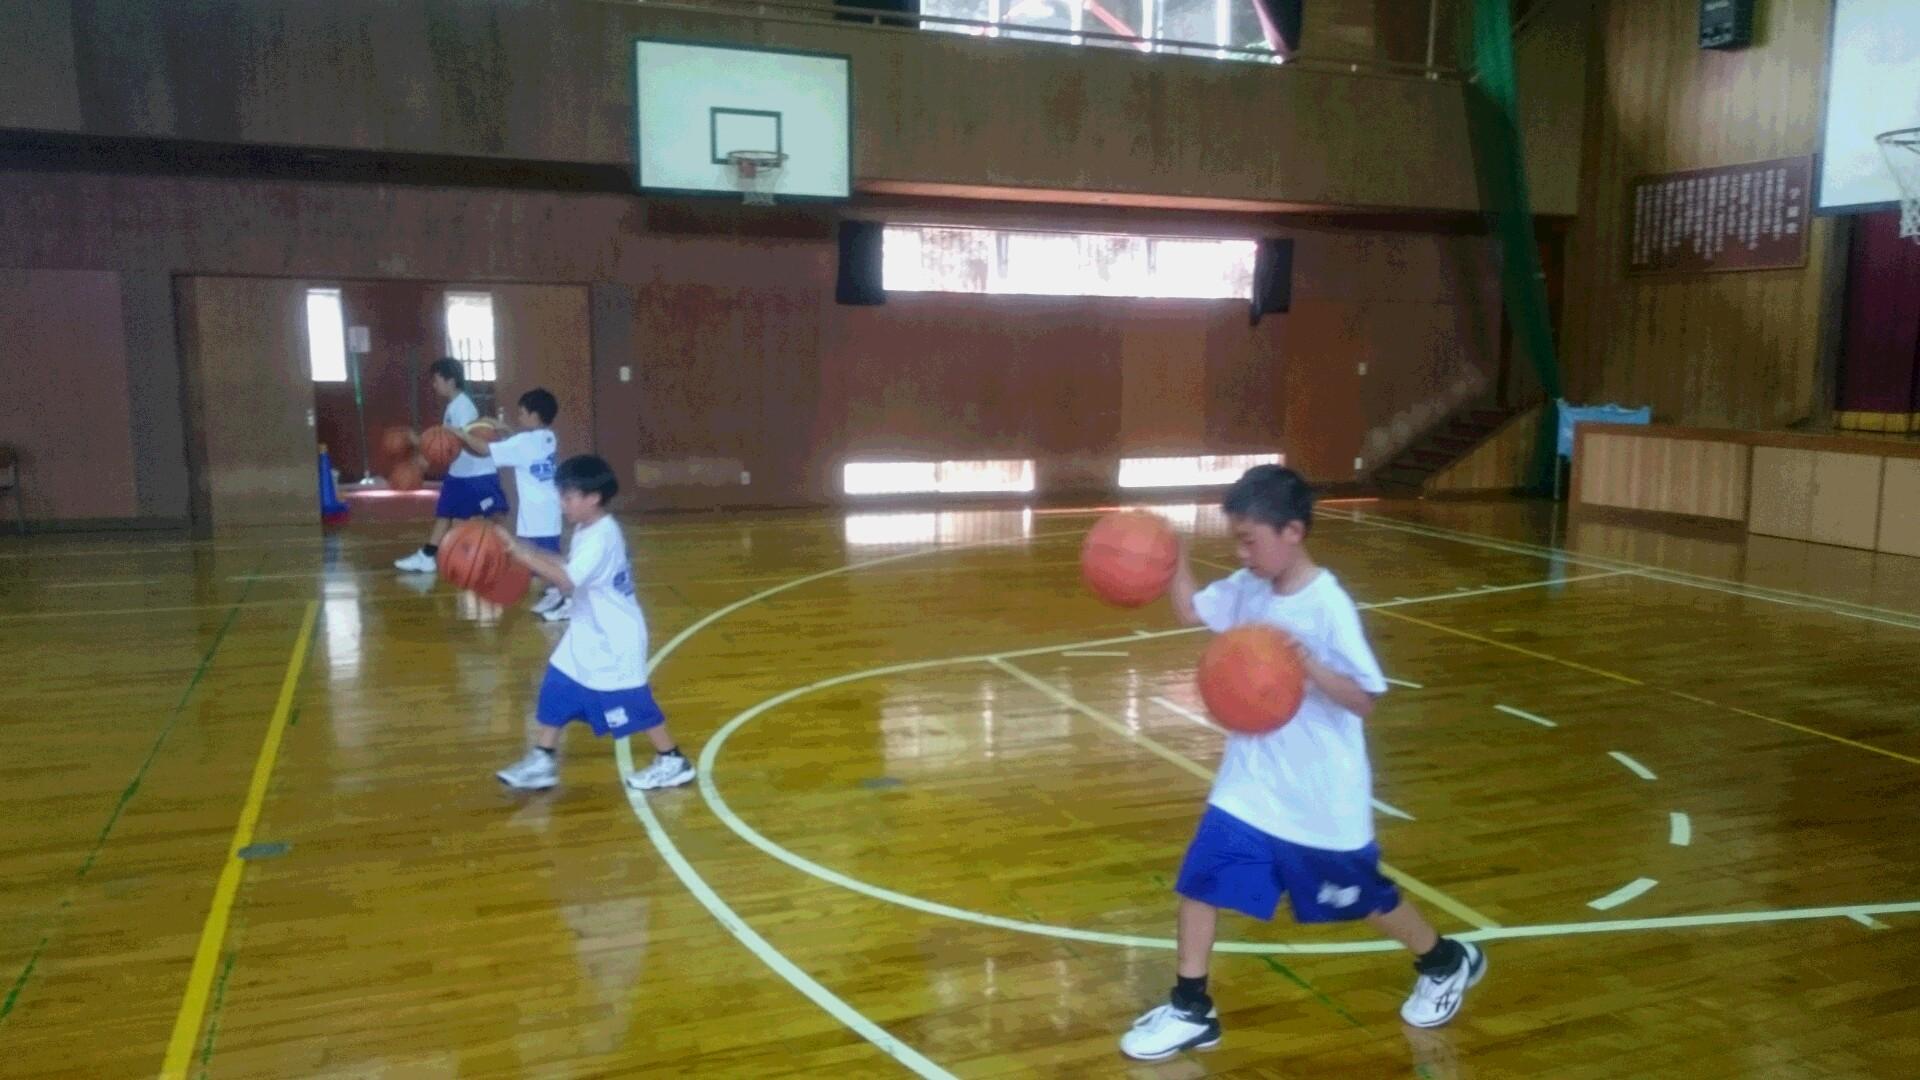 ミニバスケットボールの夏休み練習